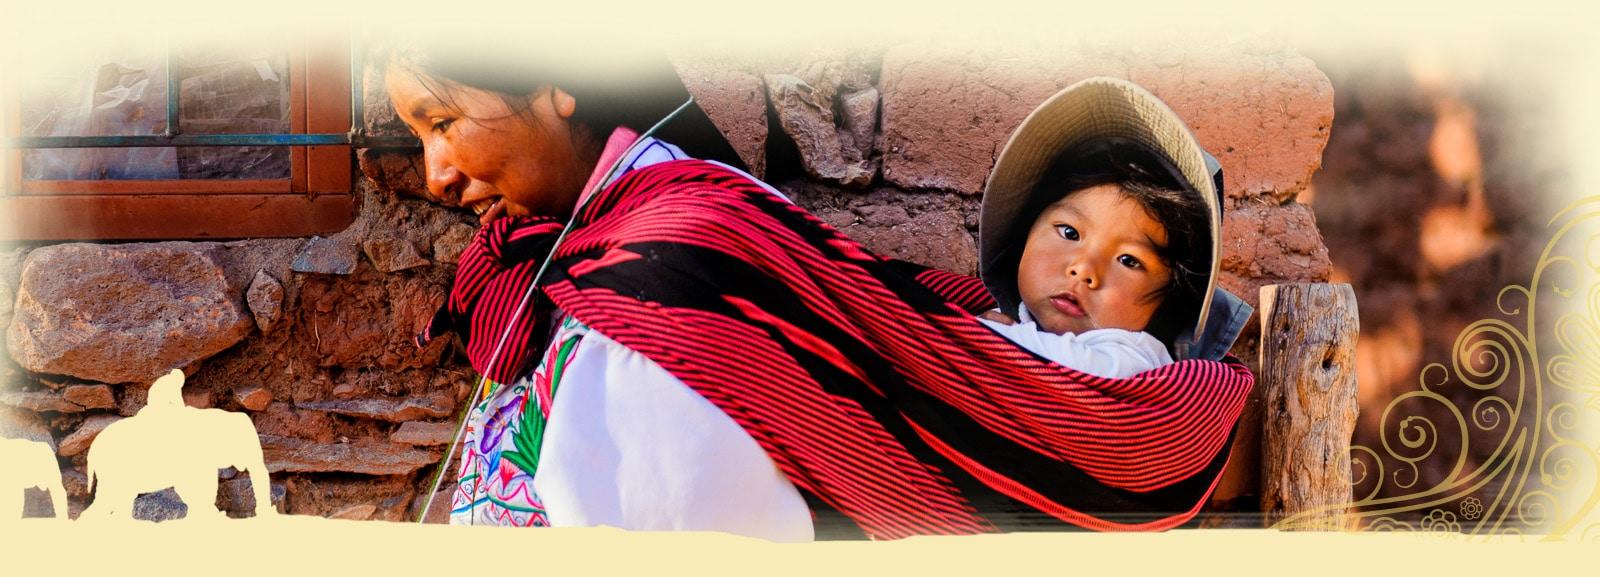 Paysans sur l'île d'Amantani au Pérou - Voyage organisé en petit groupe offert par l'agence de voyage Les routes du Monde